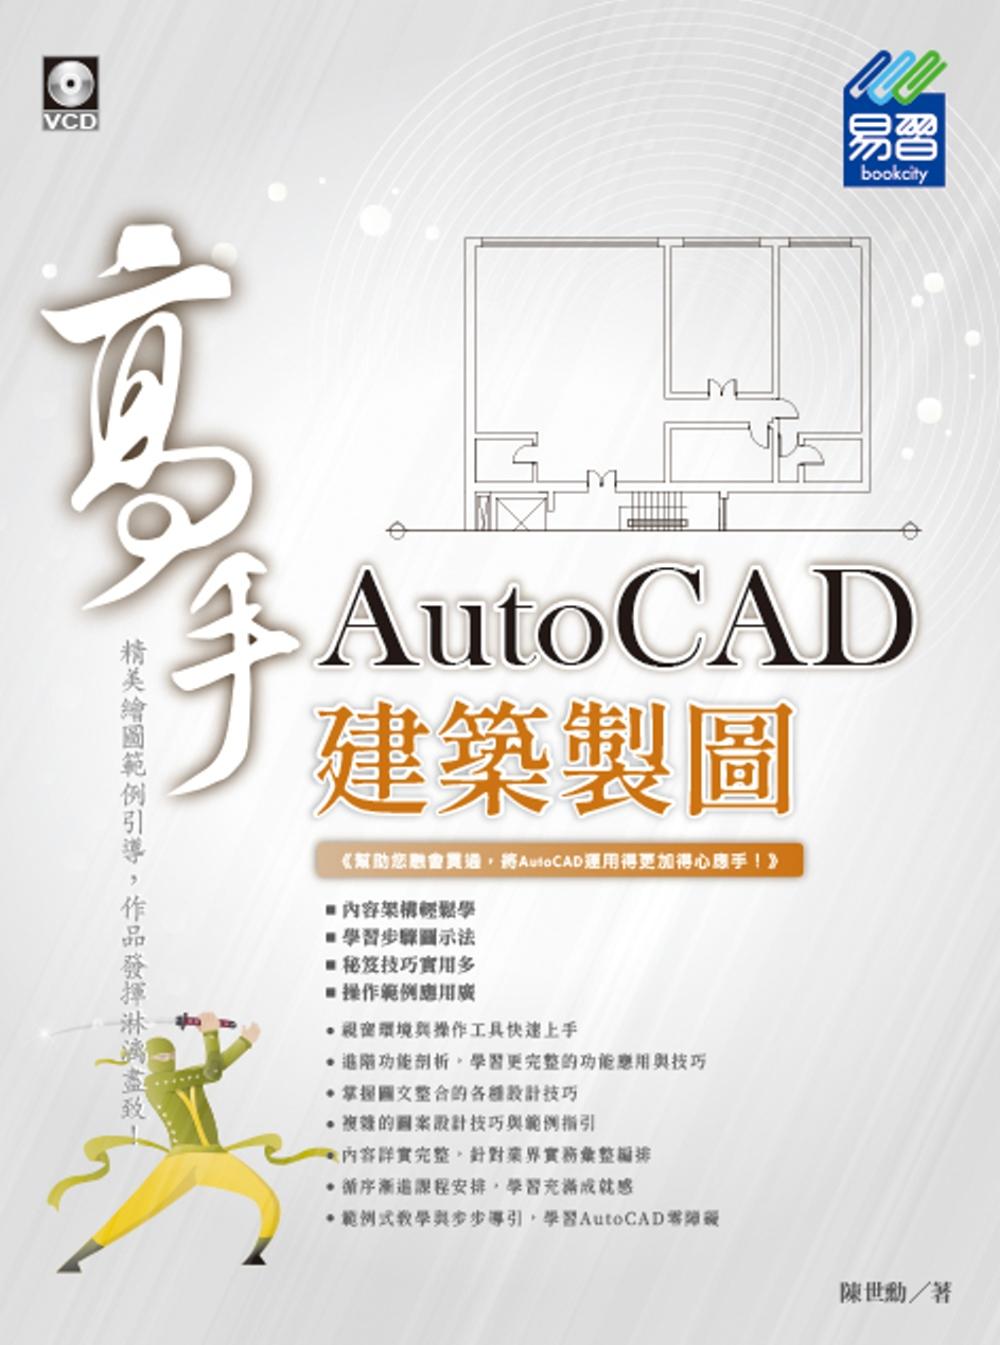 AutoCAD 建築製圖高手